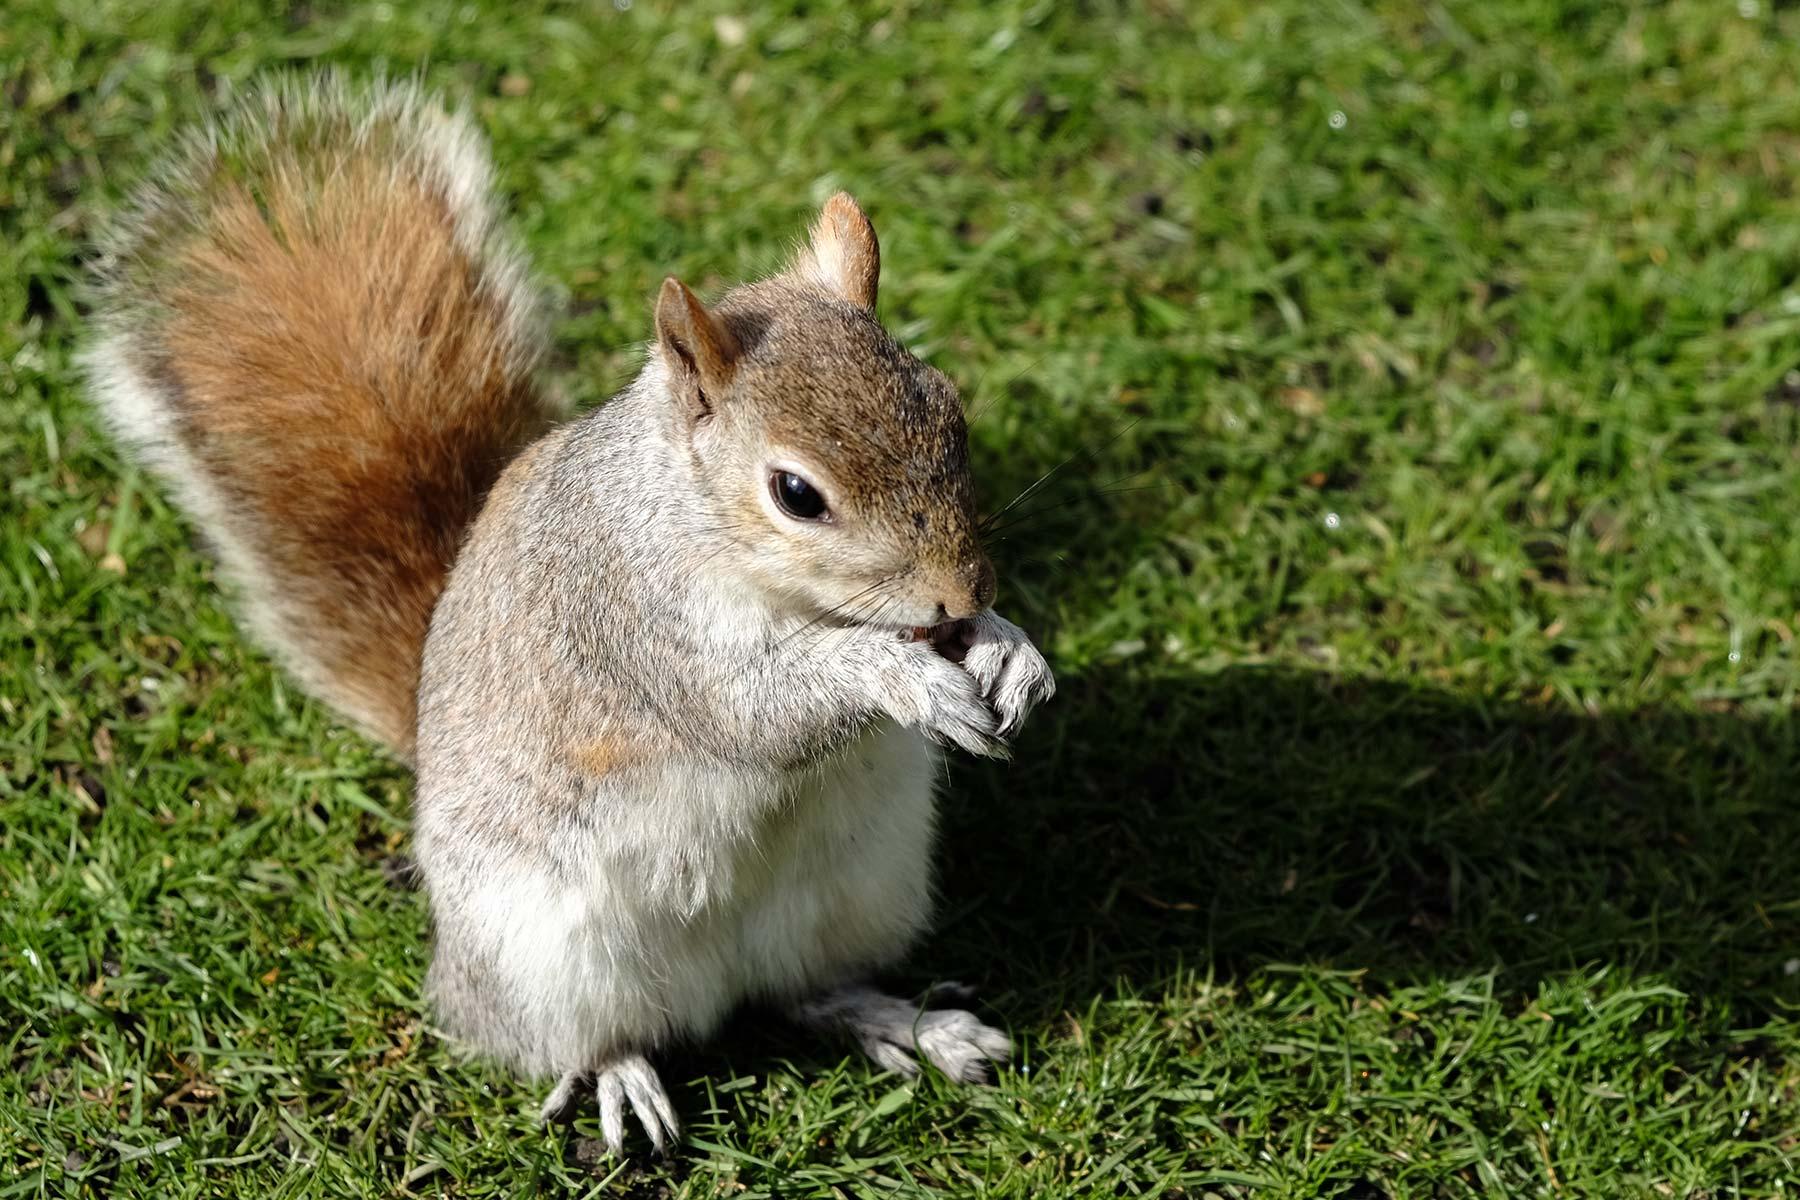 Eichhörnchen im St. James Park in London, England